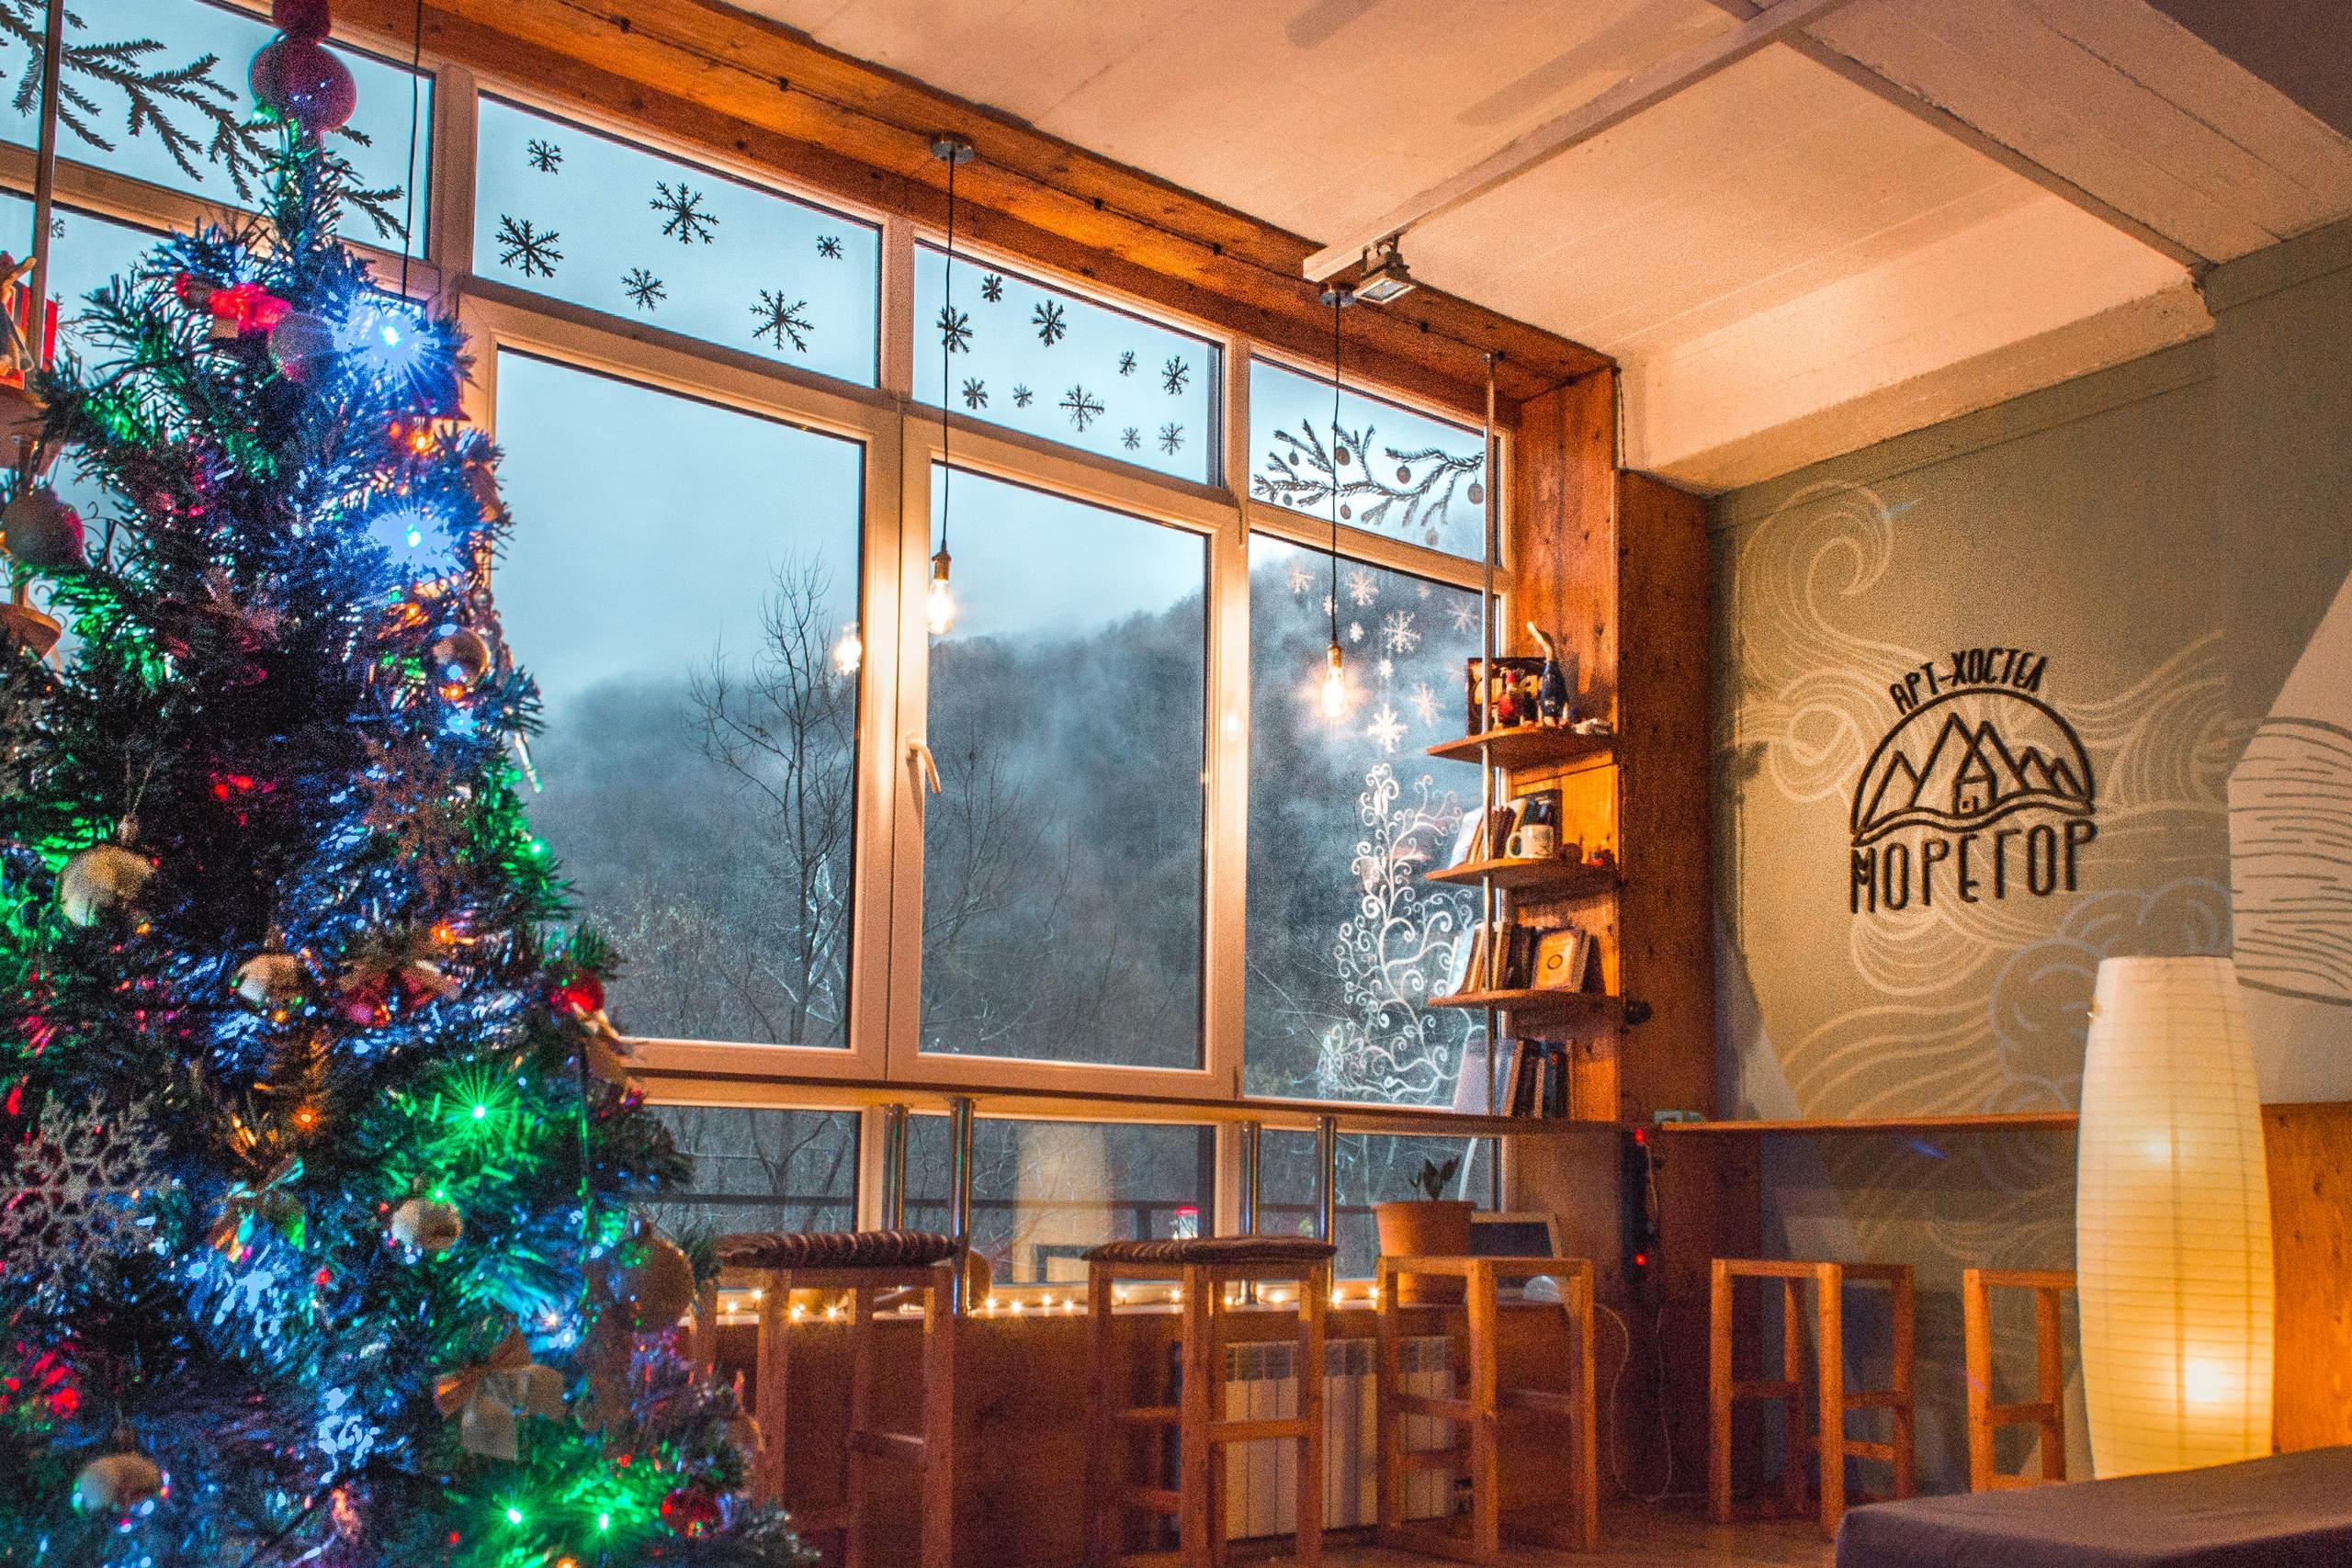 Лучший хостел Красной поляны - image nk_qbzqxl68 on https://bizneskvartal.ru